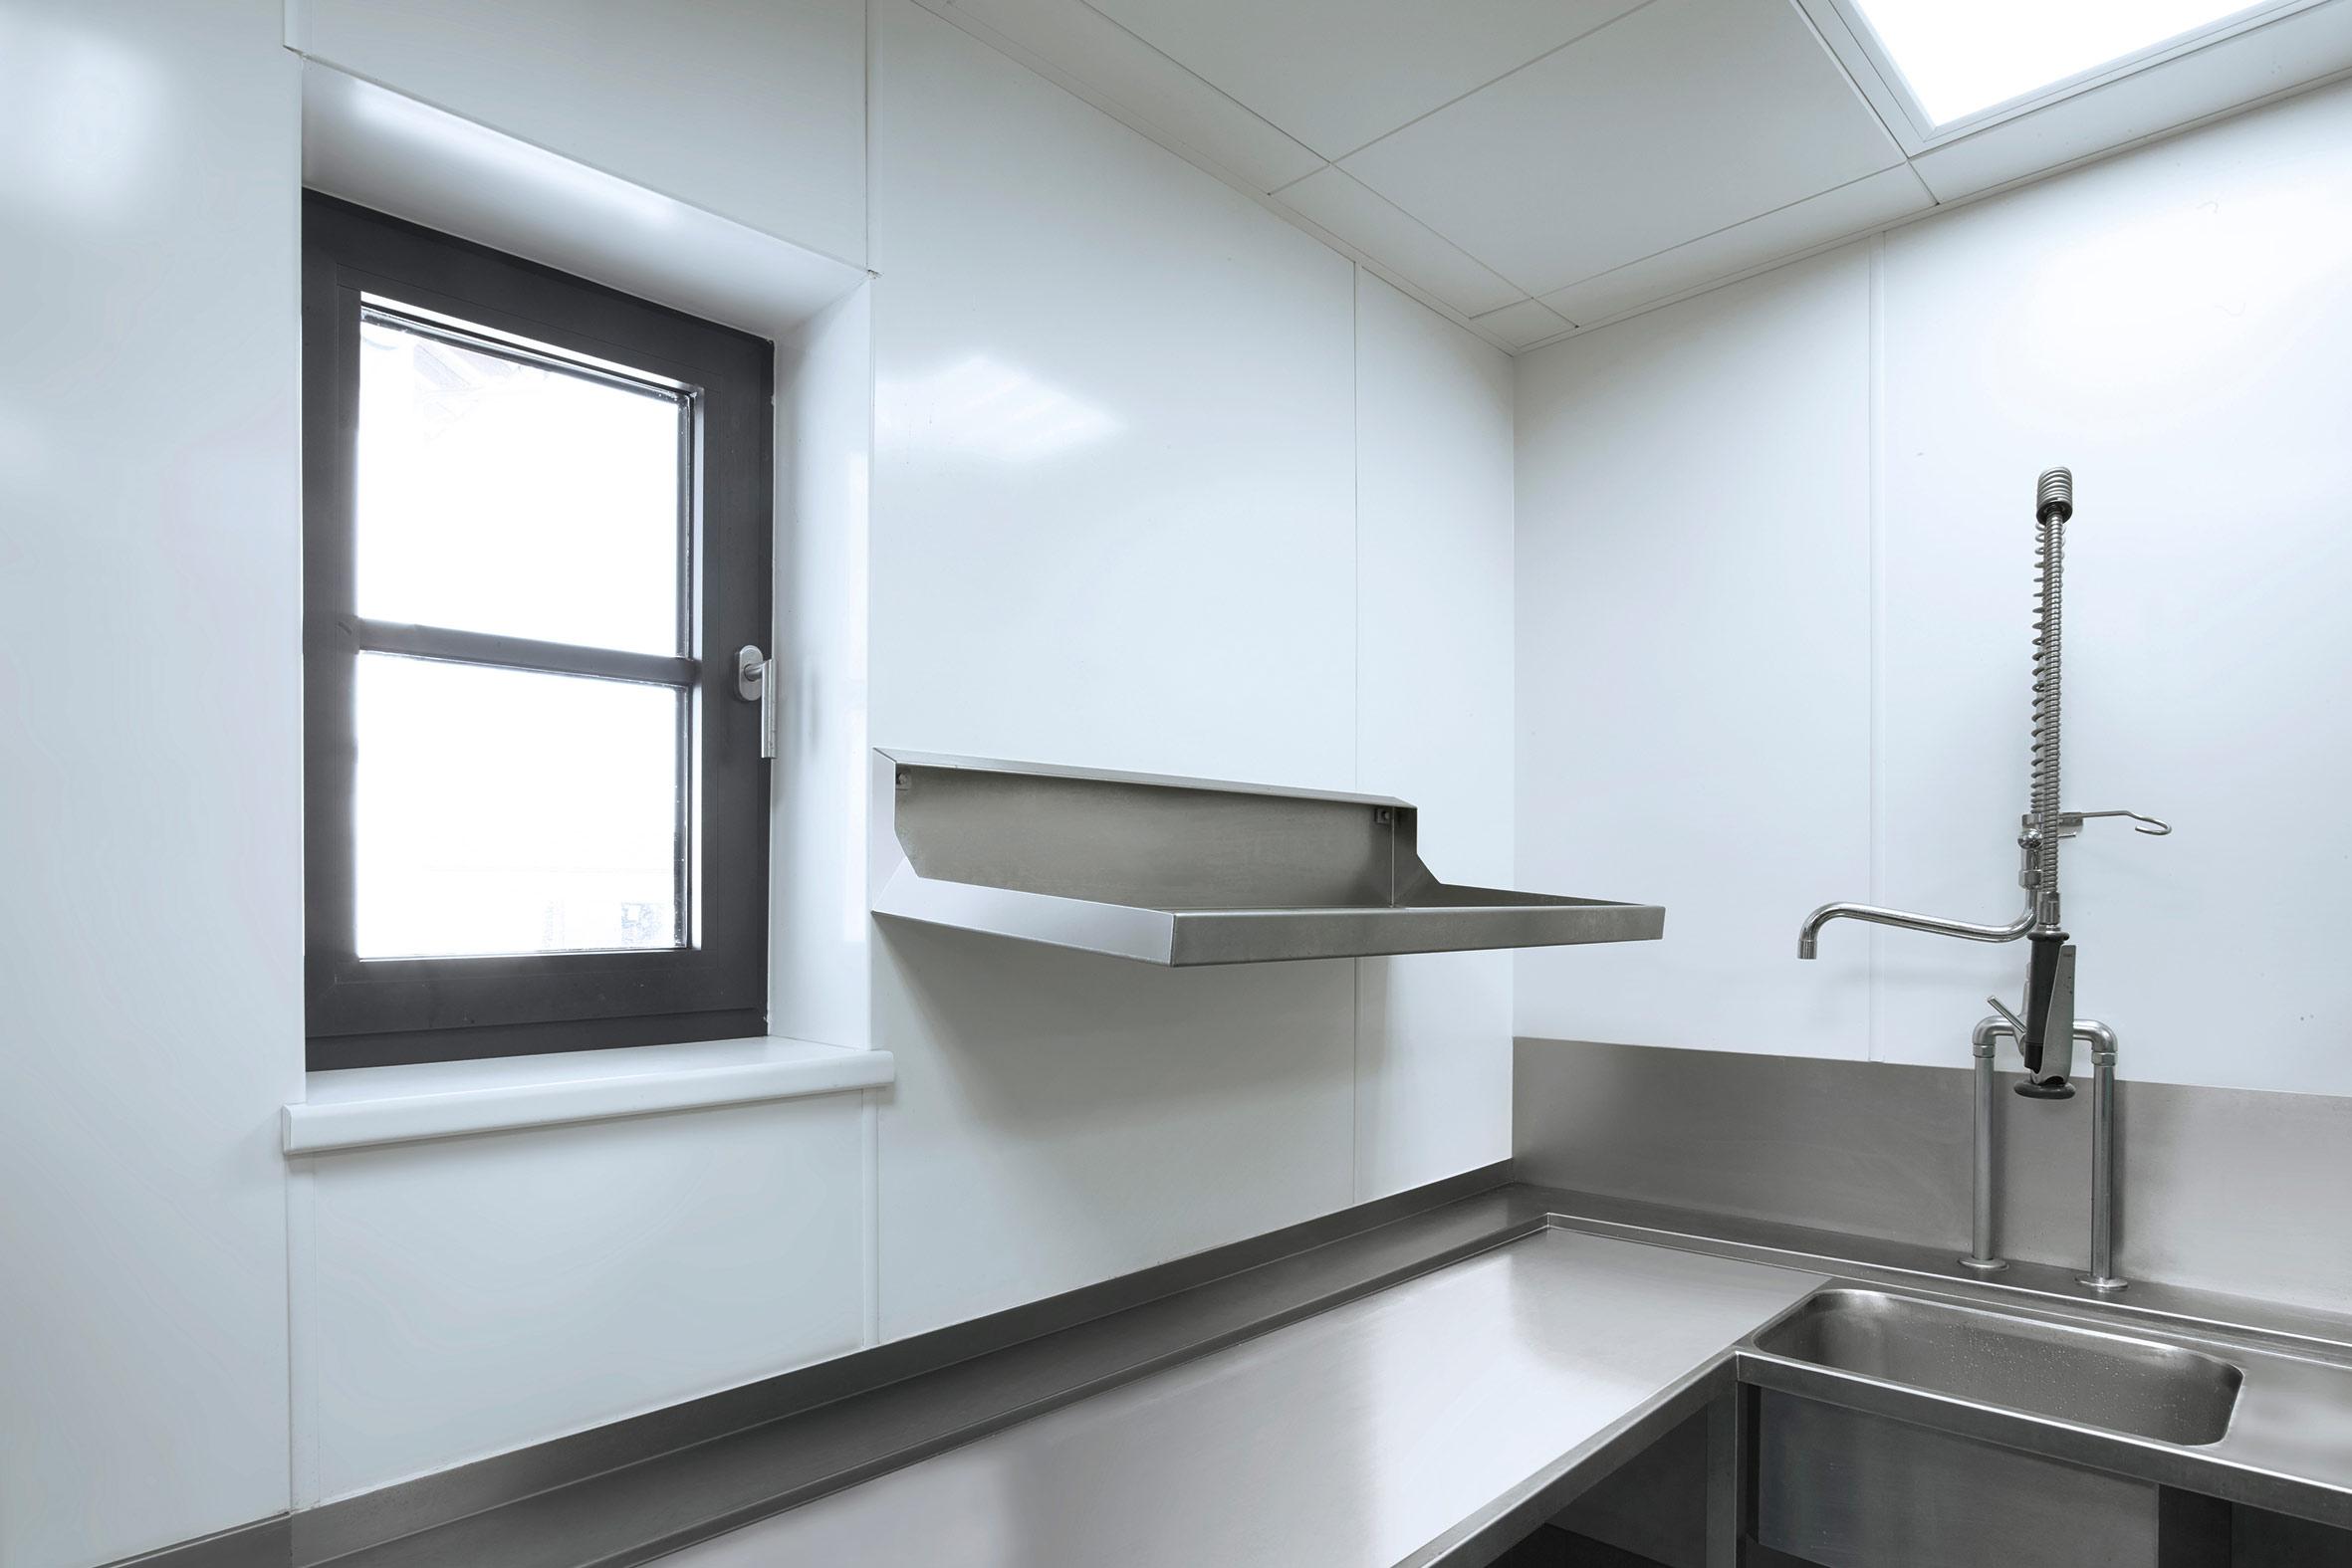 Full Size of Wandbelag Küche Mischbatterie Betonoptik Einbauküche L Form Fliesen Für Aufbewahrungssystem Unterschrank Landhausküche Holz Modern Raffrollo Küche Wandbelag Küche